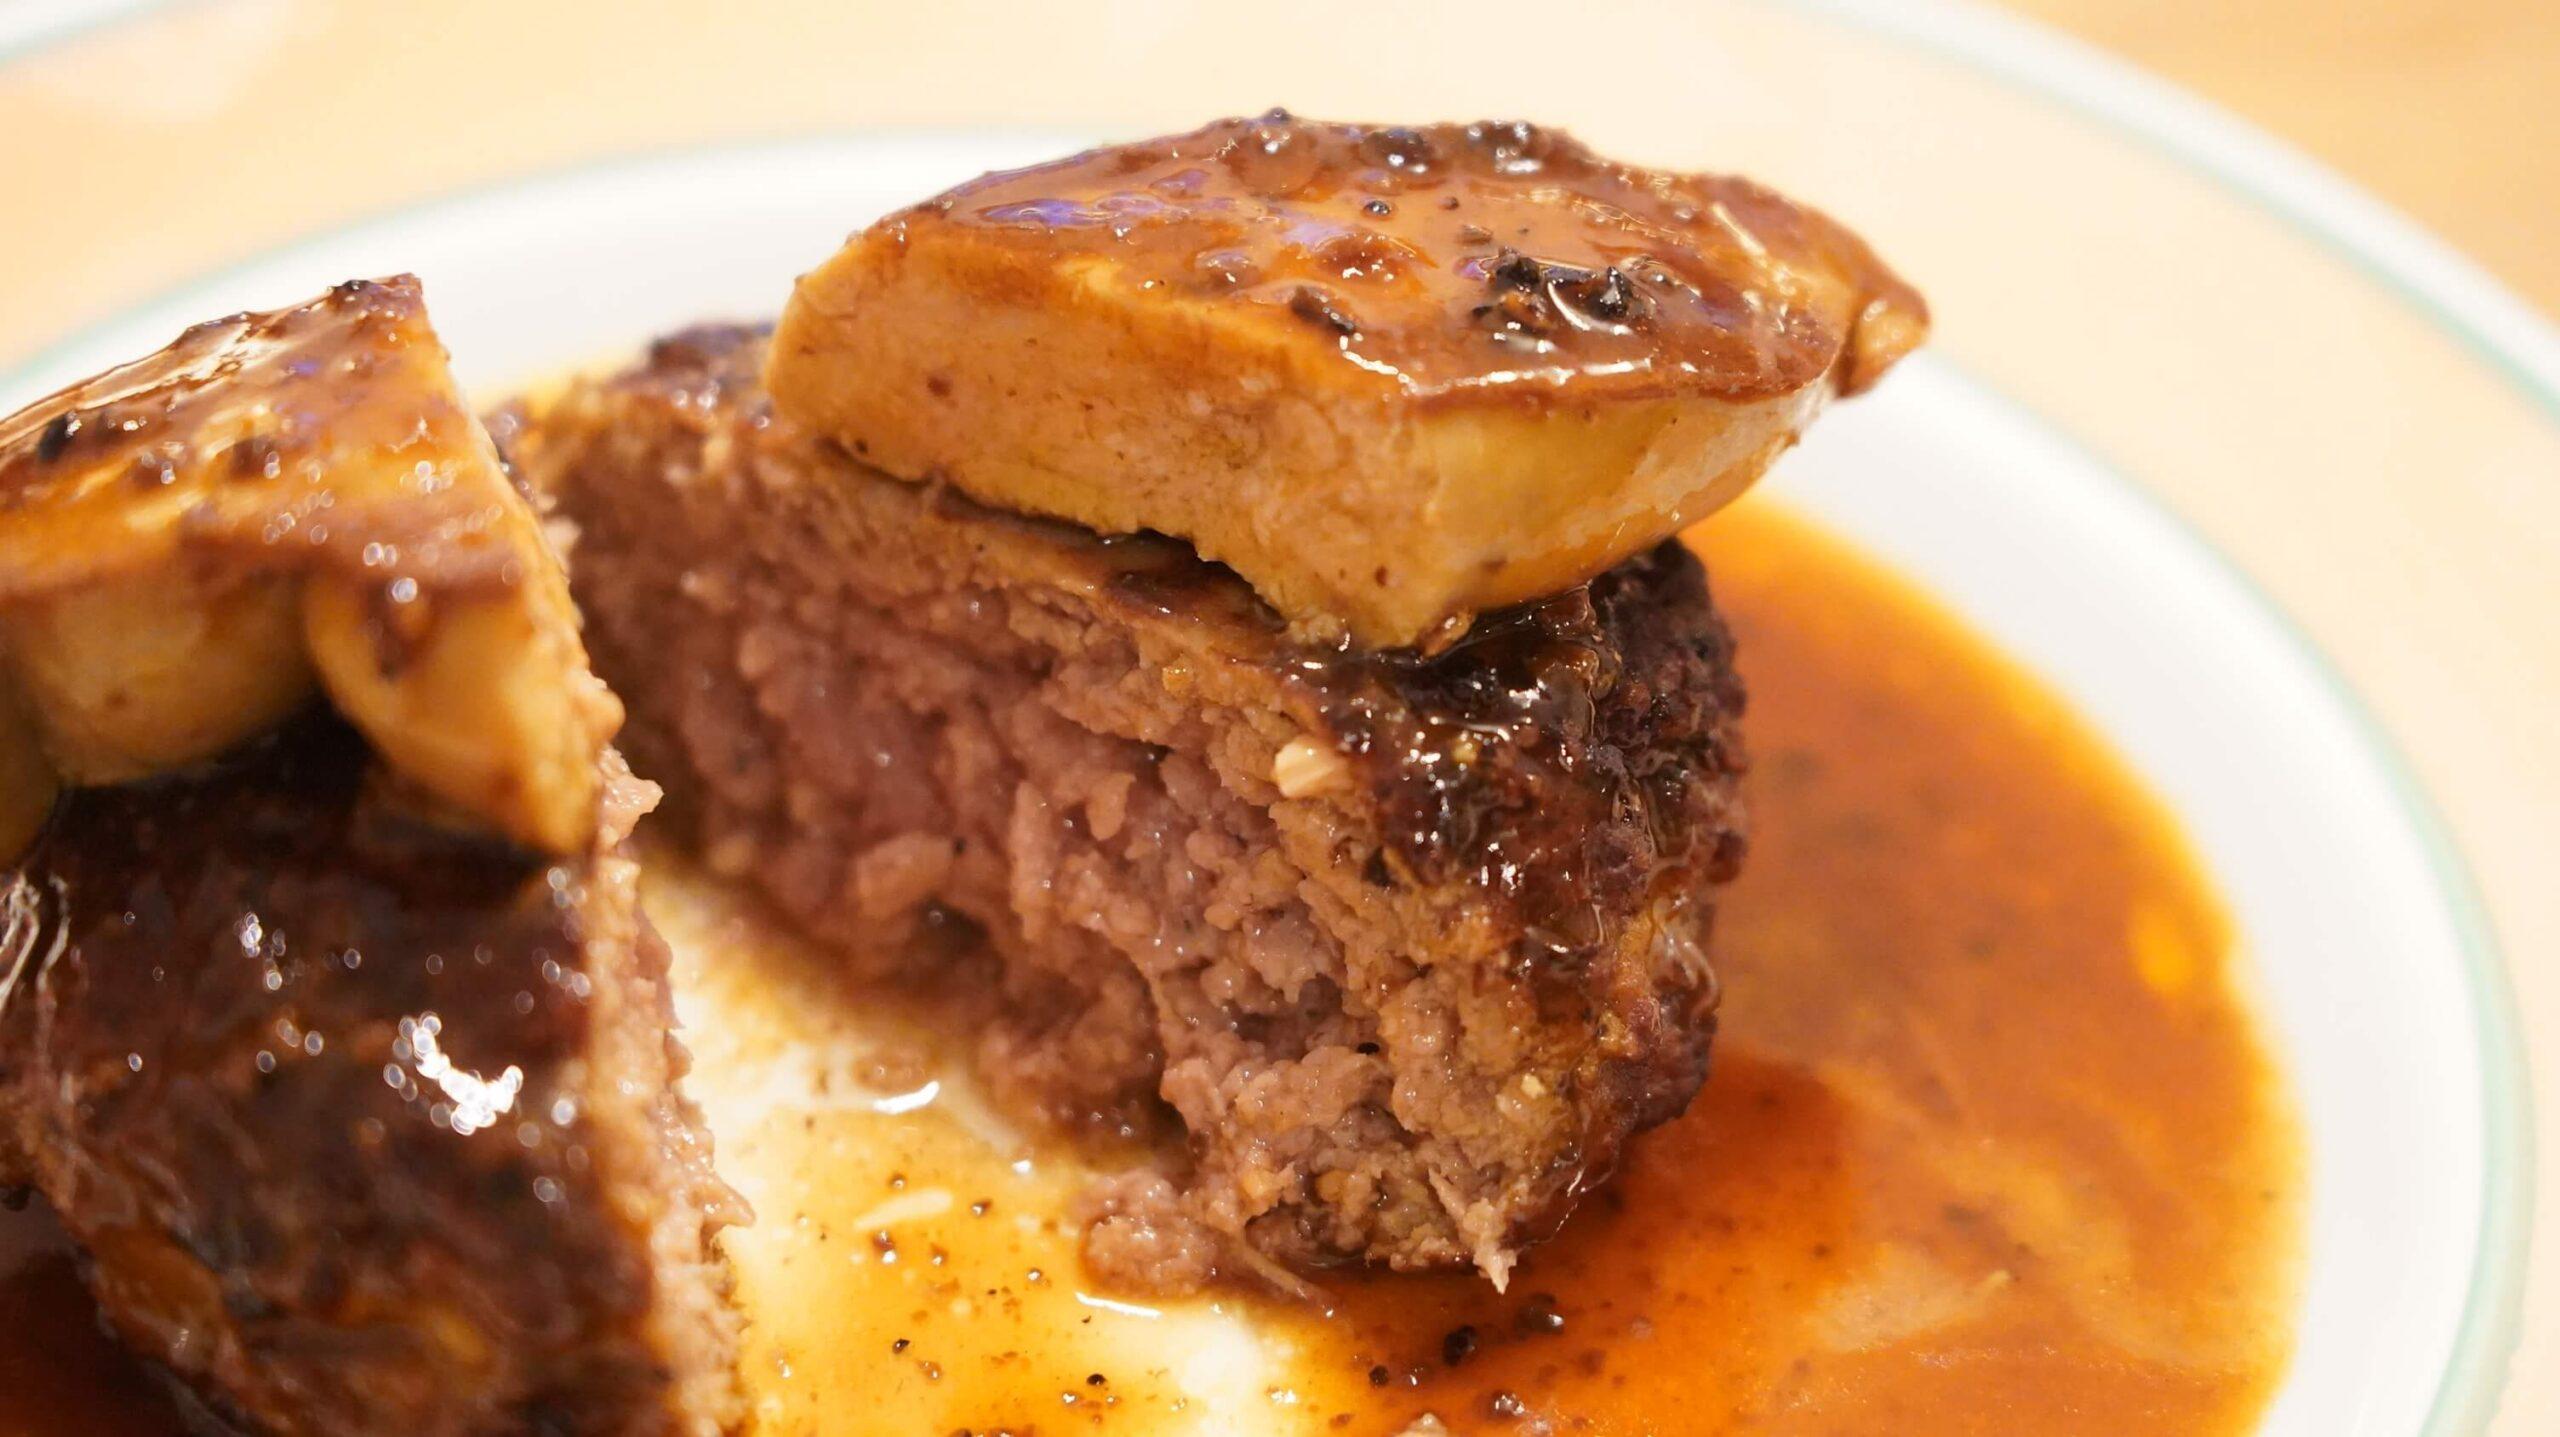 俺のフレンチの冷凍食品「ロッシーニ風ハンバーグ」のハンバーグとフォアグラの断面の写真